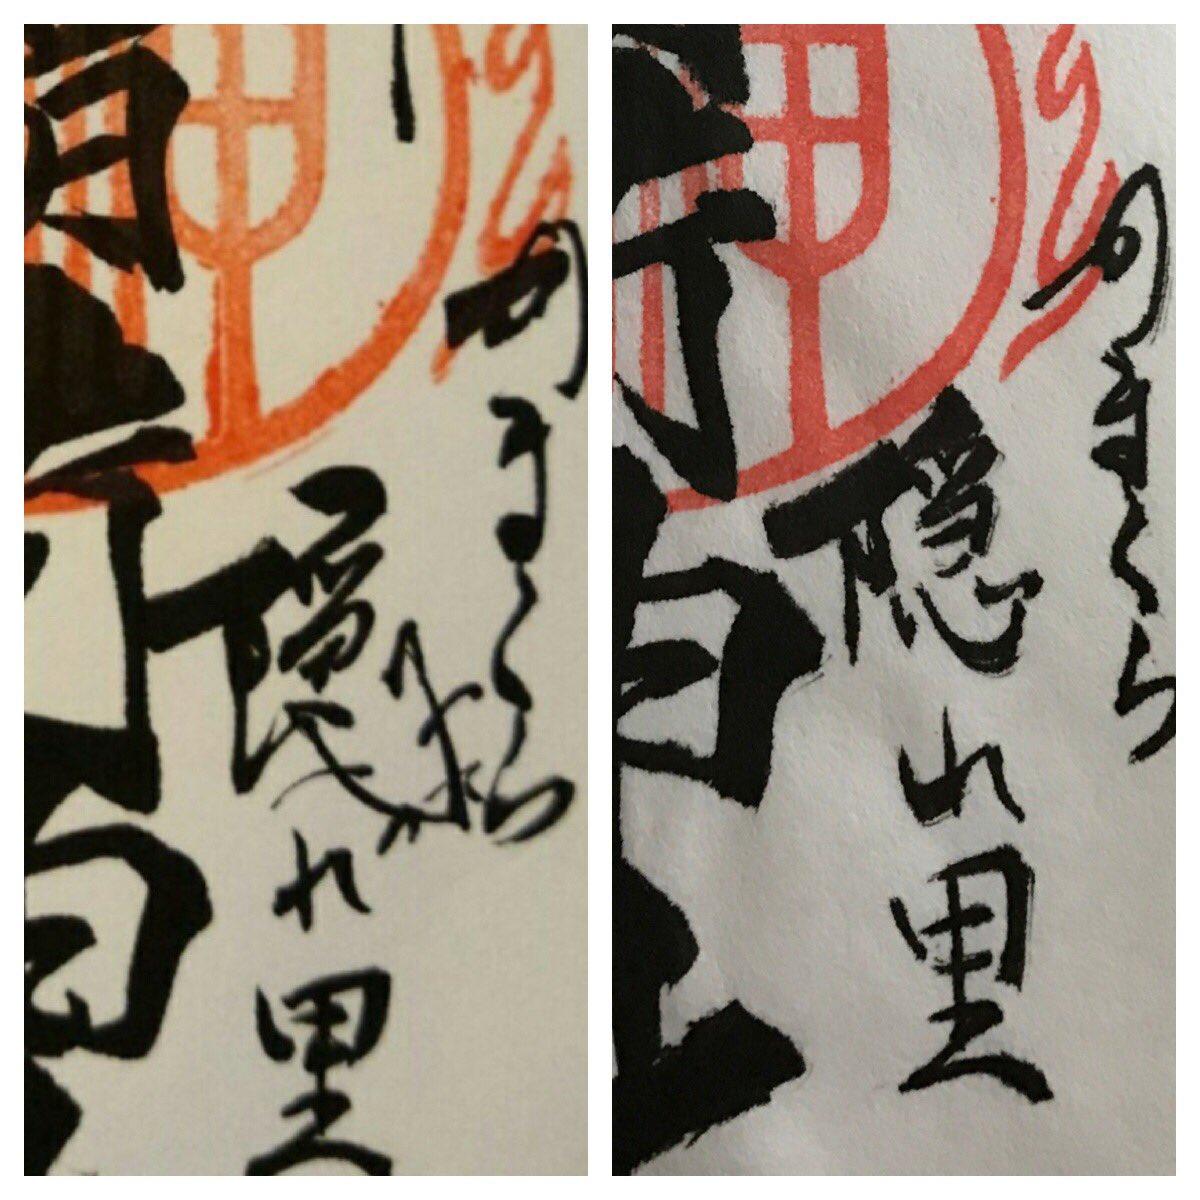 皆、心底どうでもいいと思うかもしれぬが、以下の比較画像を見てくれ右の図が狐がいない普通の御朱印の拡大である左の図はなんと「隠」の字の心のところに狐さんが描いてあるのだ!佐助稲荷神社にはちょっと当たりの御朱印があるのだ!佐助稲荷神社の御朱印頂く時は注目してみてね🦊 pic.twitter.com/pqkziZbskO